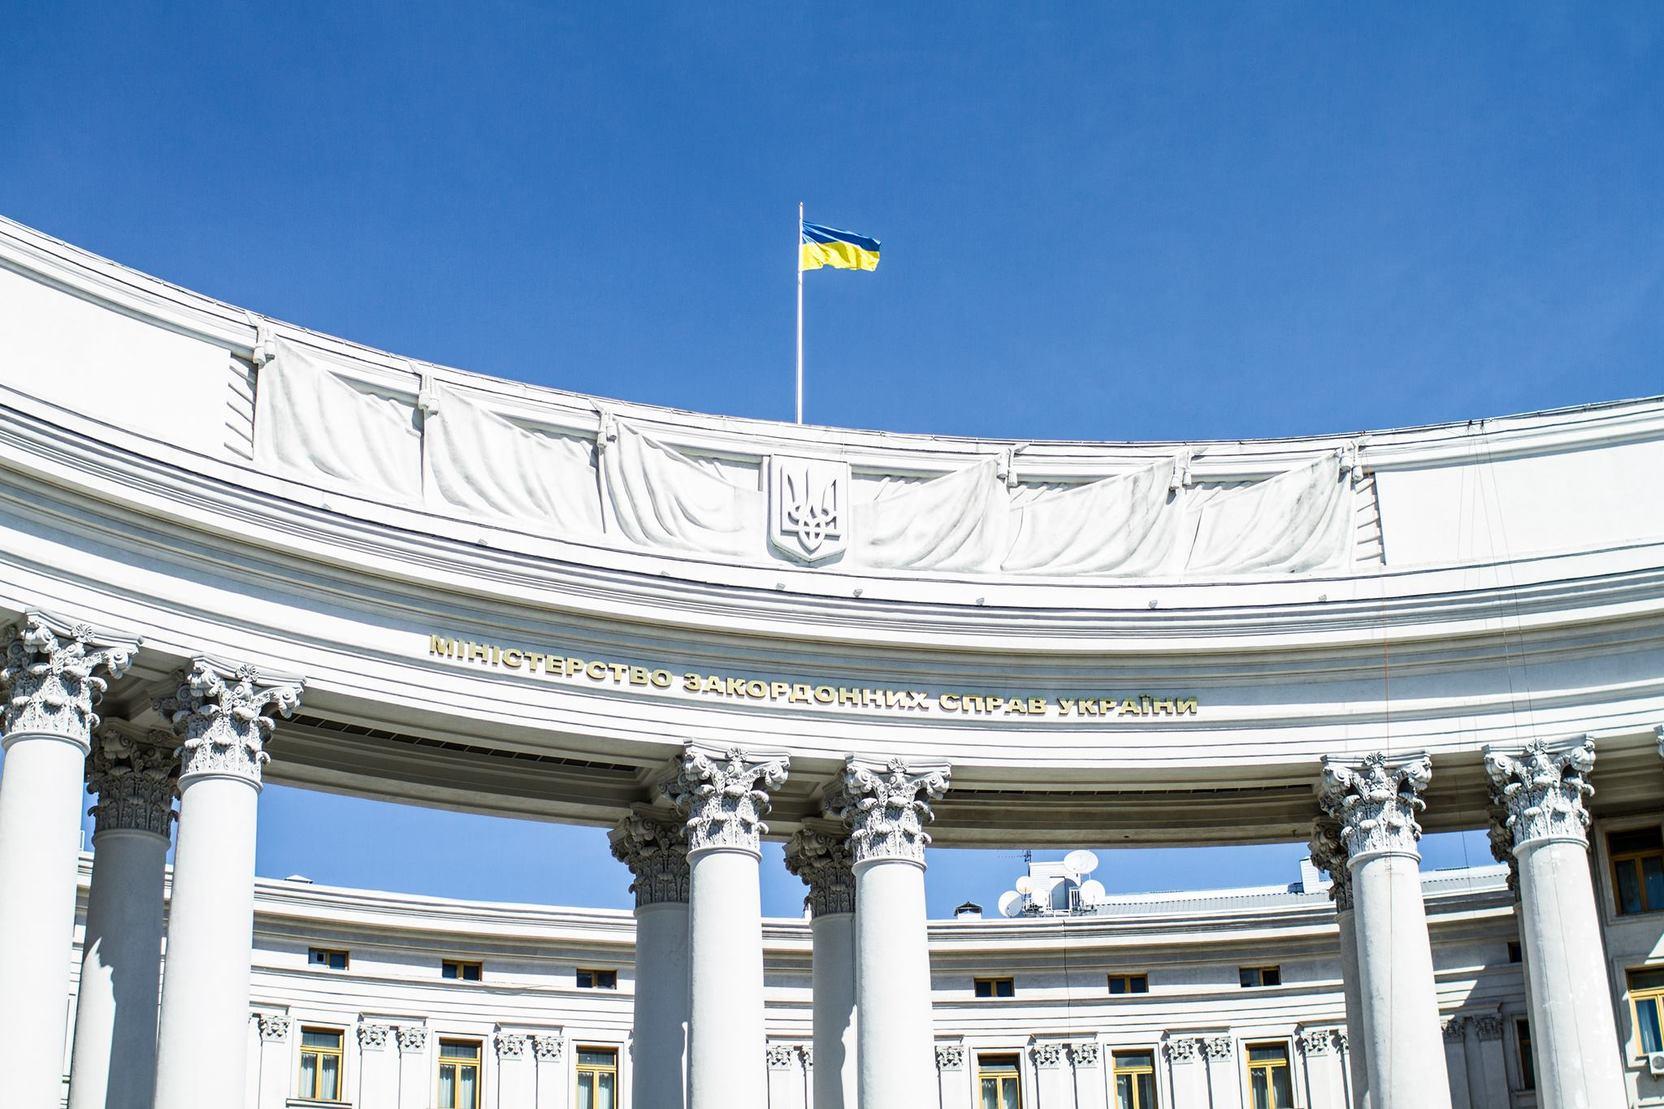 МИД Украины: На встрече Путина с Зеленским должны обсуждаться Крым и Донбасс